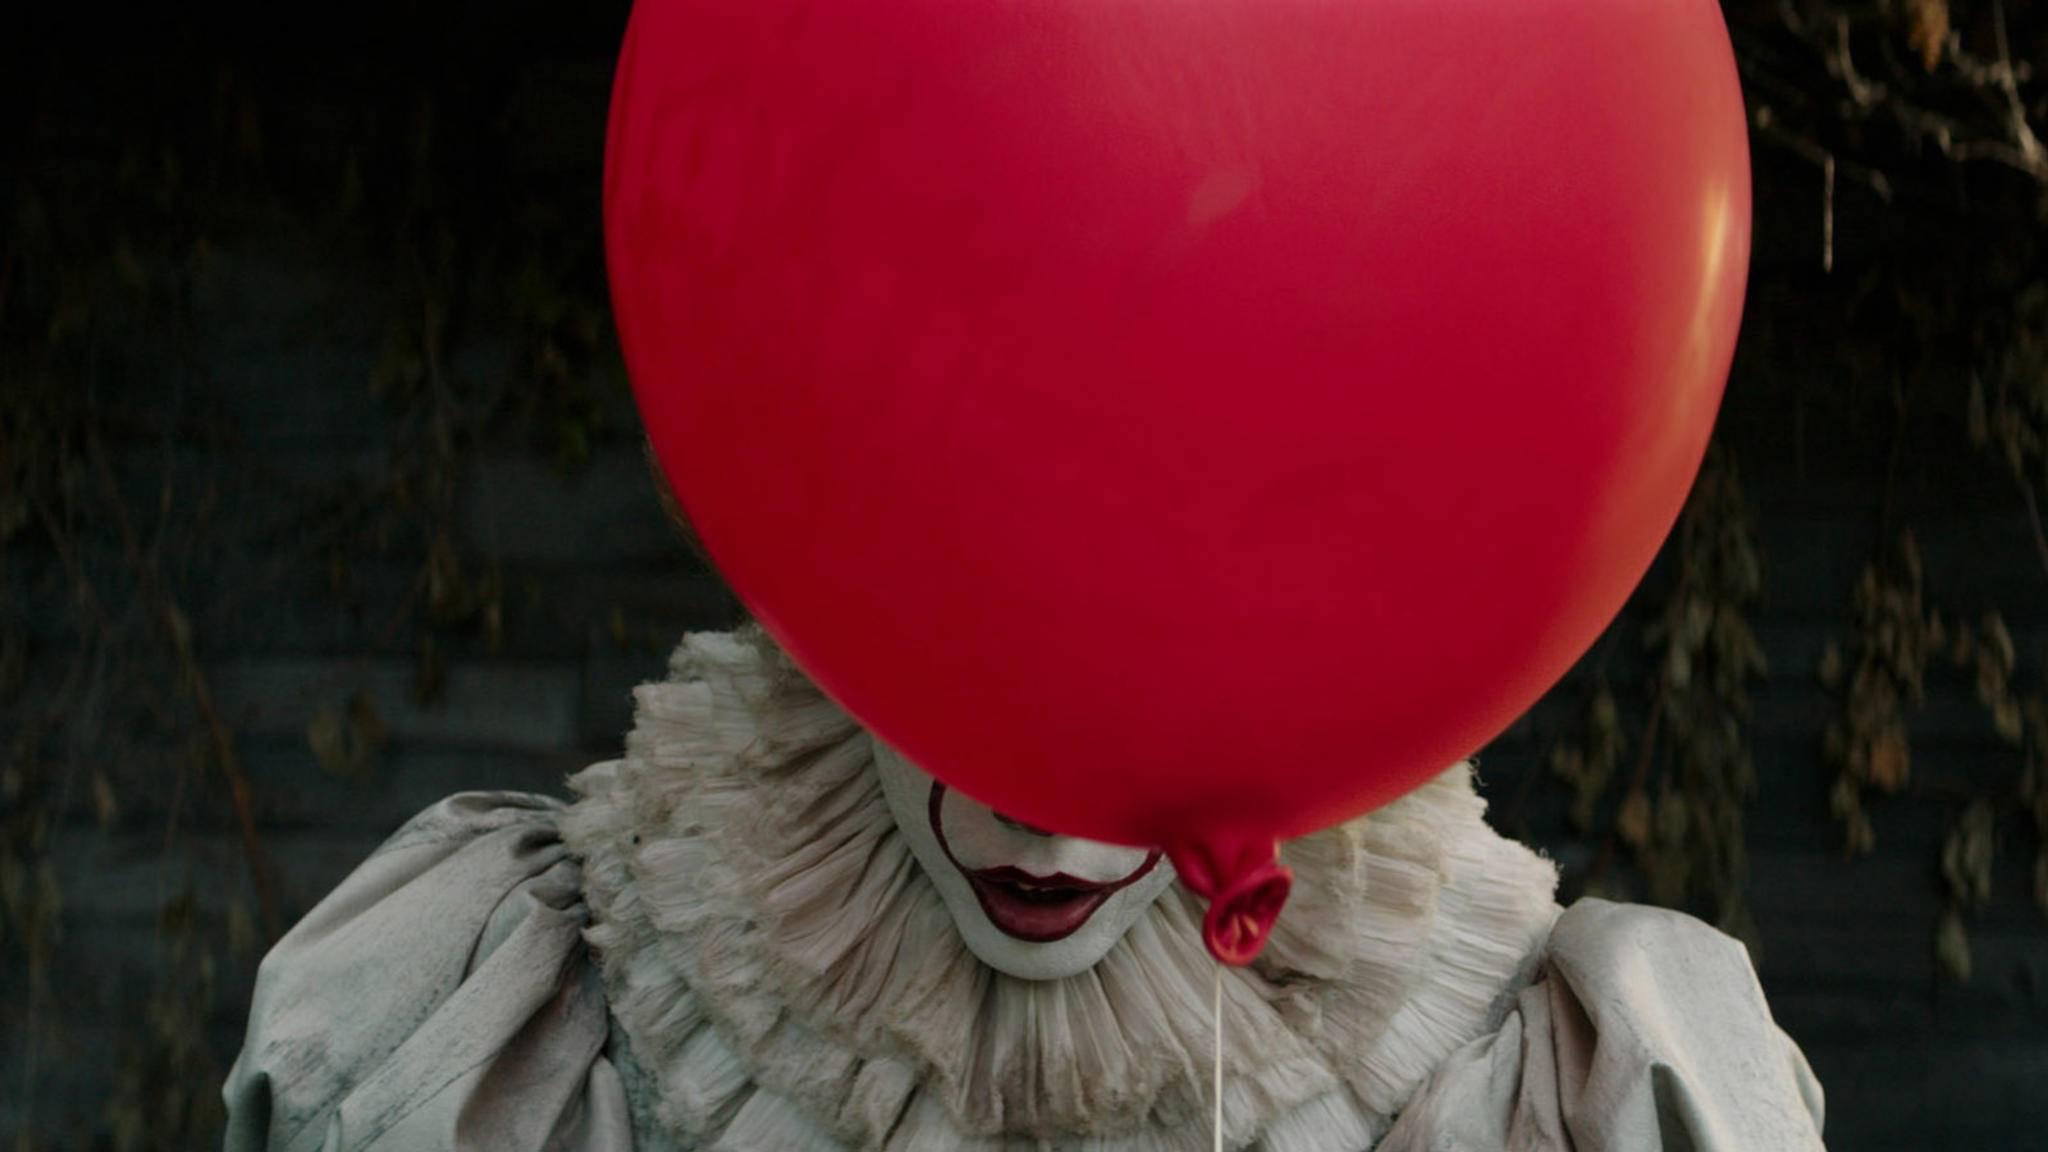 Schon 2019 könnte das Sequel mit Horrorclown Pennywise in die Kinos kommen.